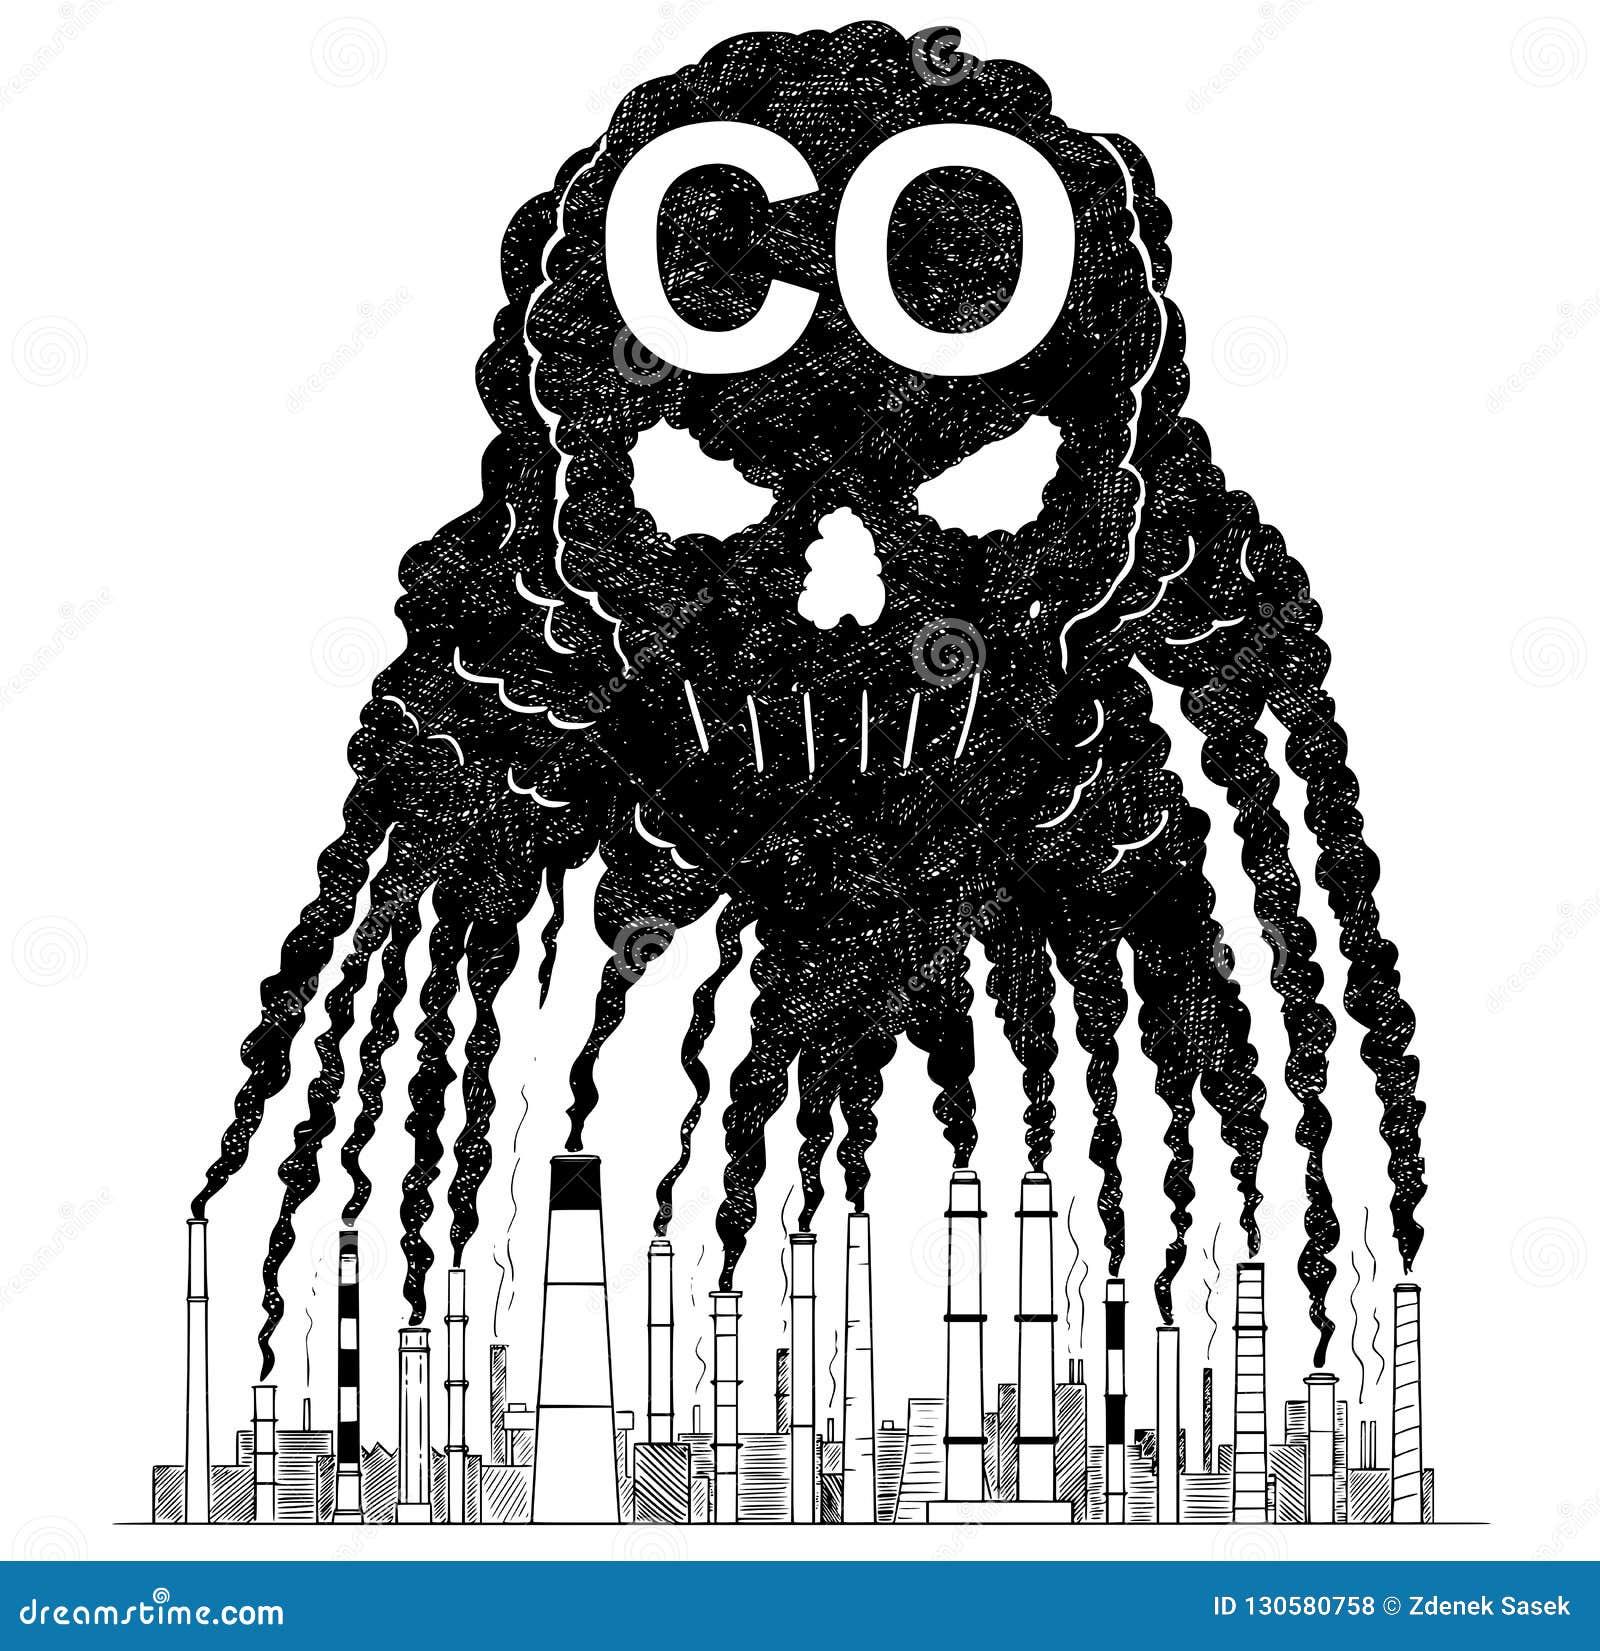 烟的传染媒介艺术性的画的例证从创造人的头骨,CO空气污染的概念的烟窗的